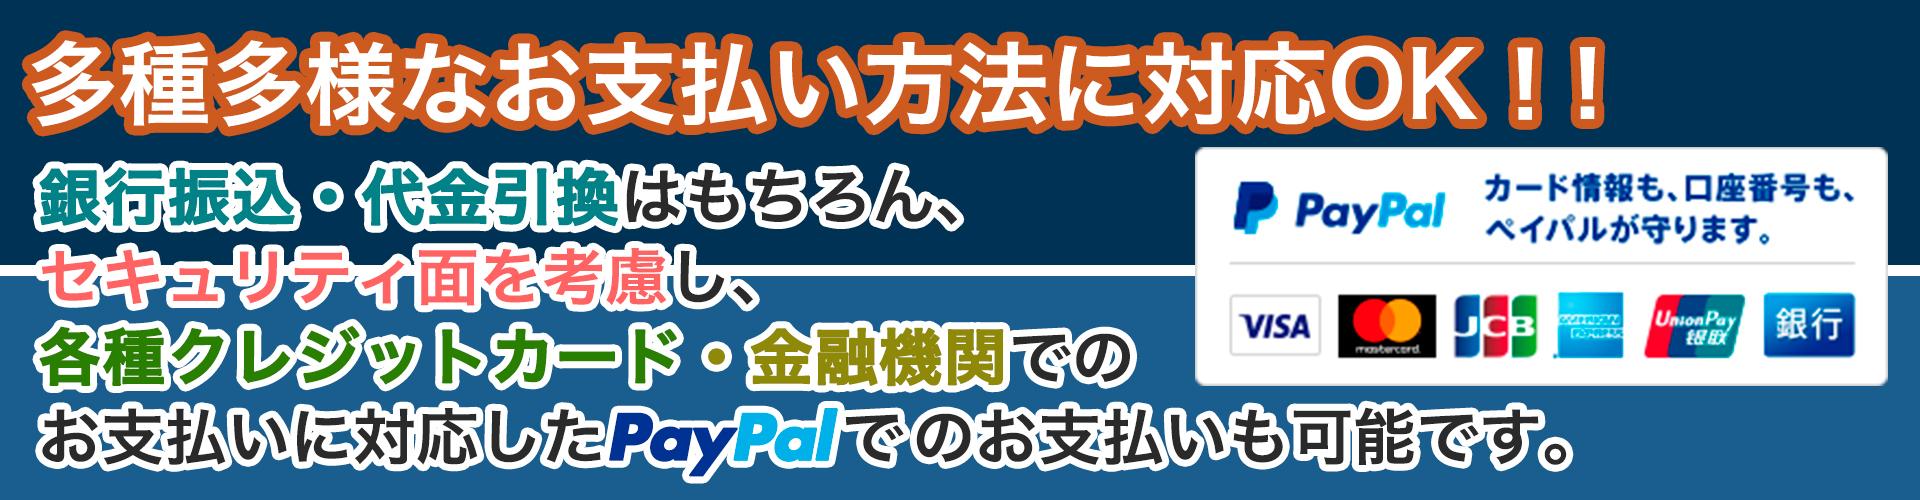 銀行振込・代金引換はもちろん、各種クレジットカードや金融機関に対応したPayPalでのお支払いも可能です。